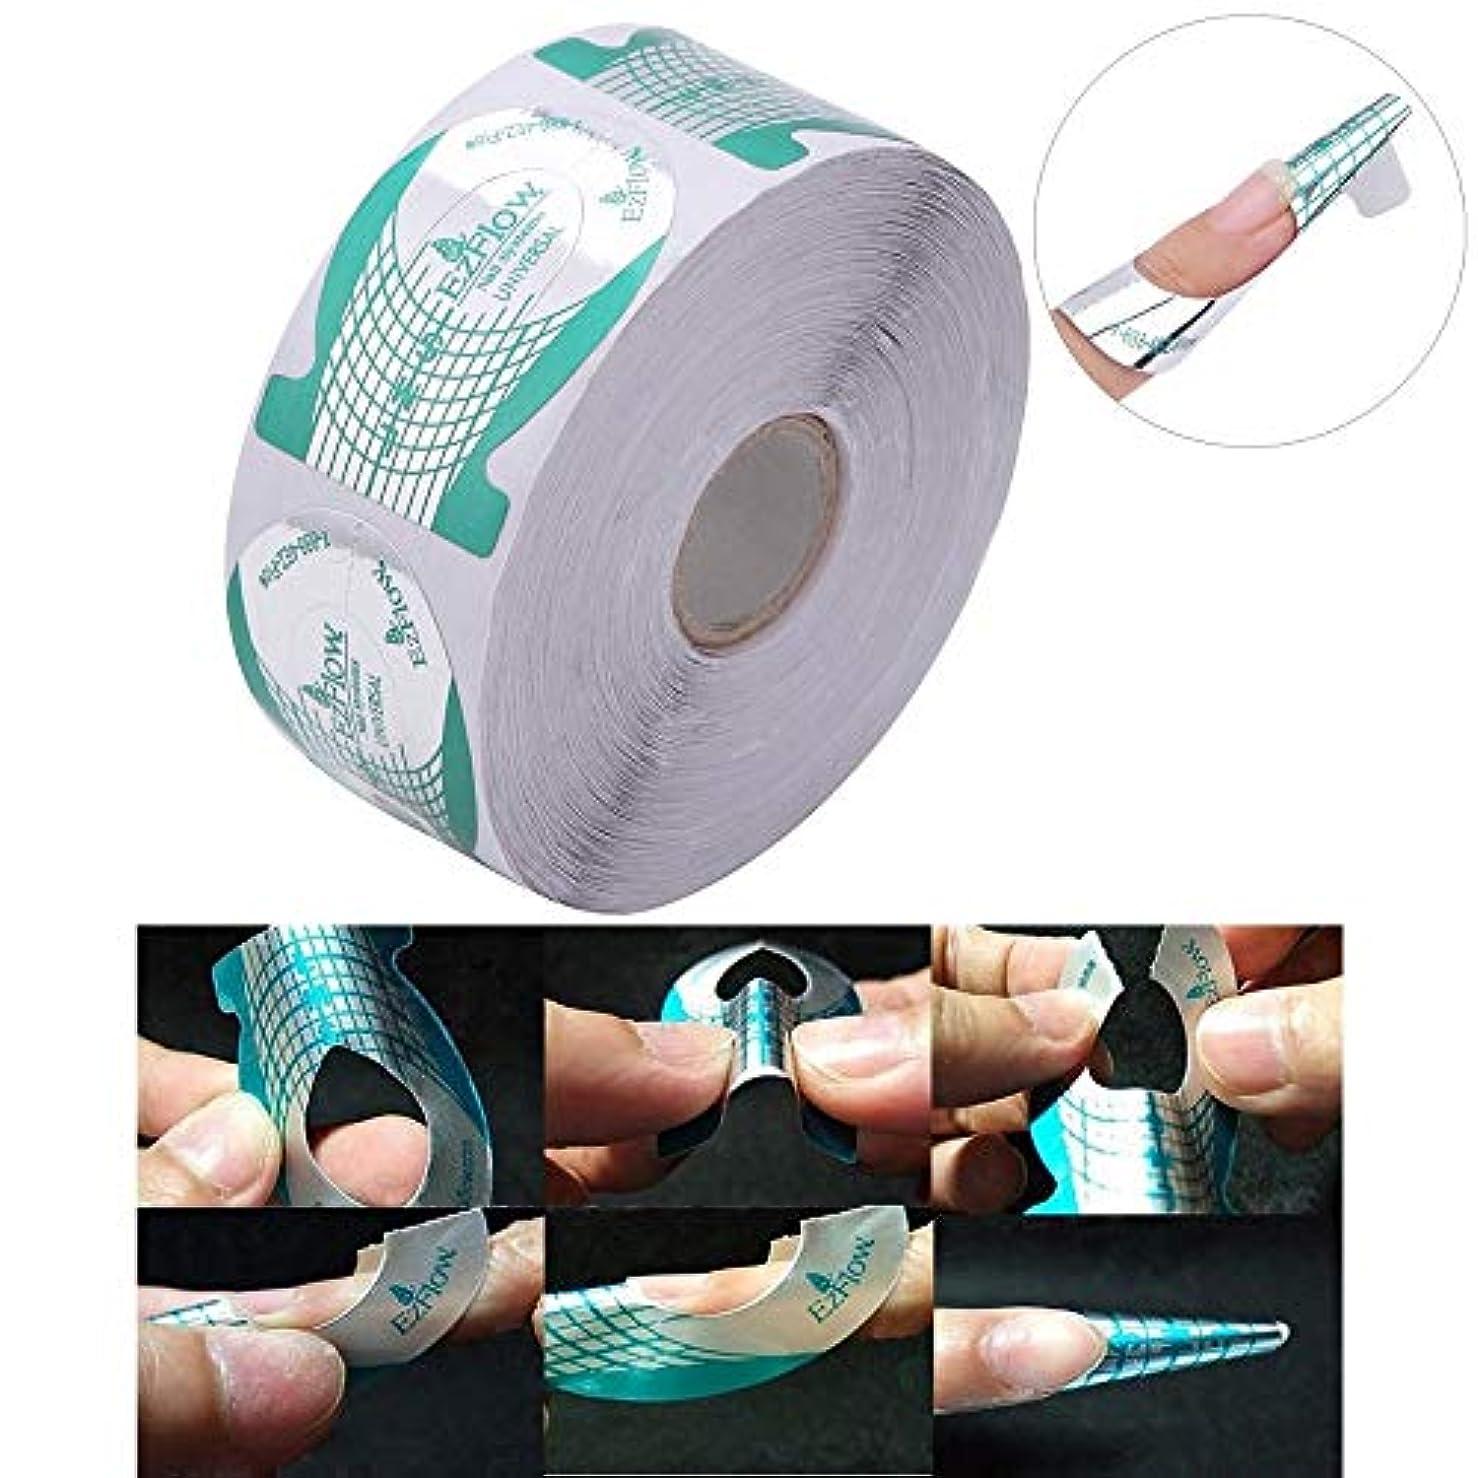 許さない思いつく愚かな500pcs/roll Nail Art French Green Missile Shape Forms Acrylic Curve Polish UV Gel Extension Builder Guide Stencil...